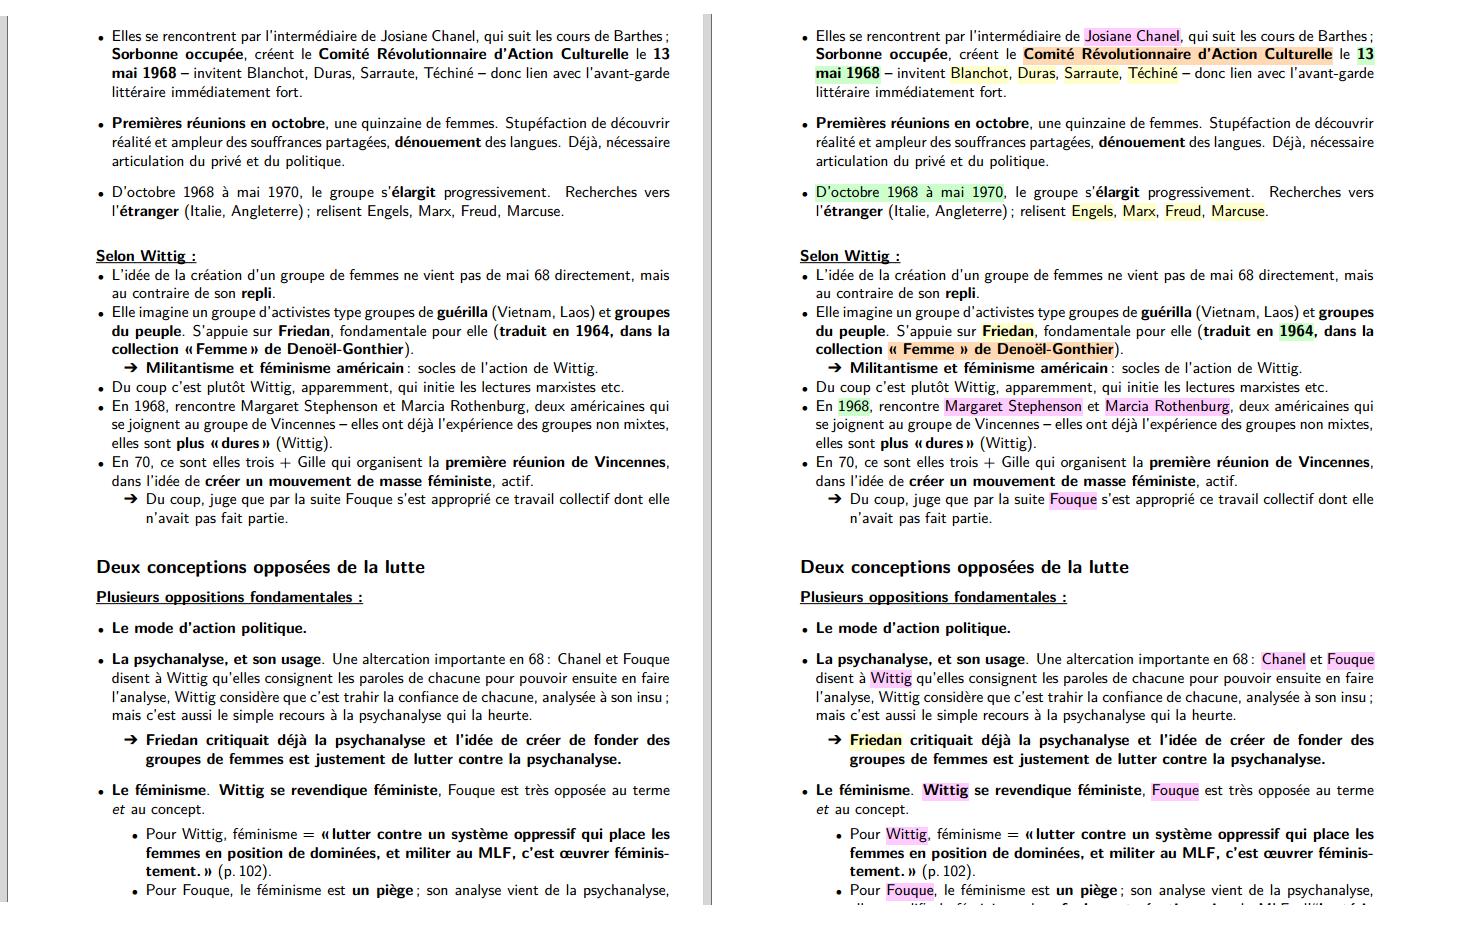 Ficher - Exemple couleurs ou non